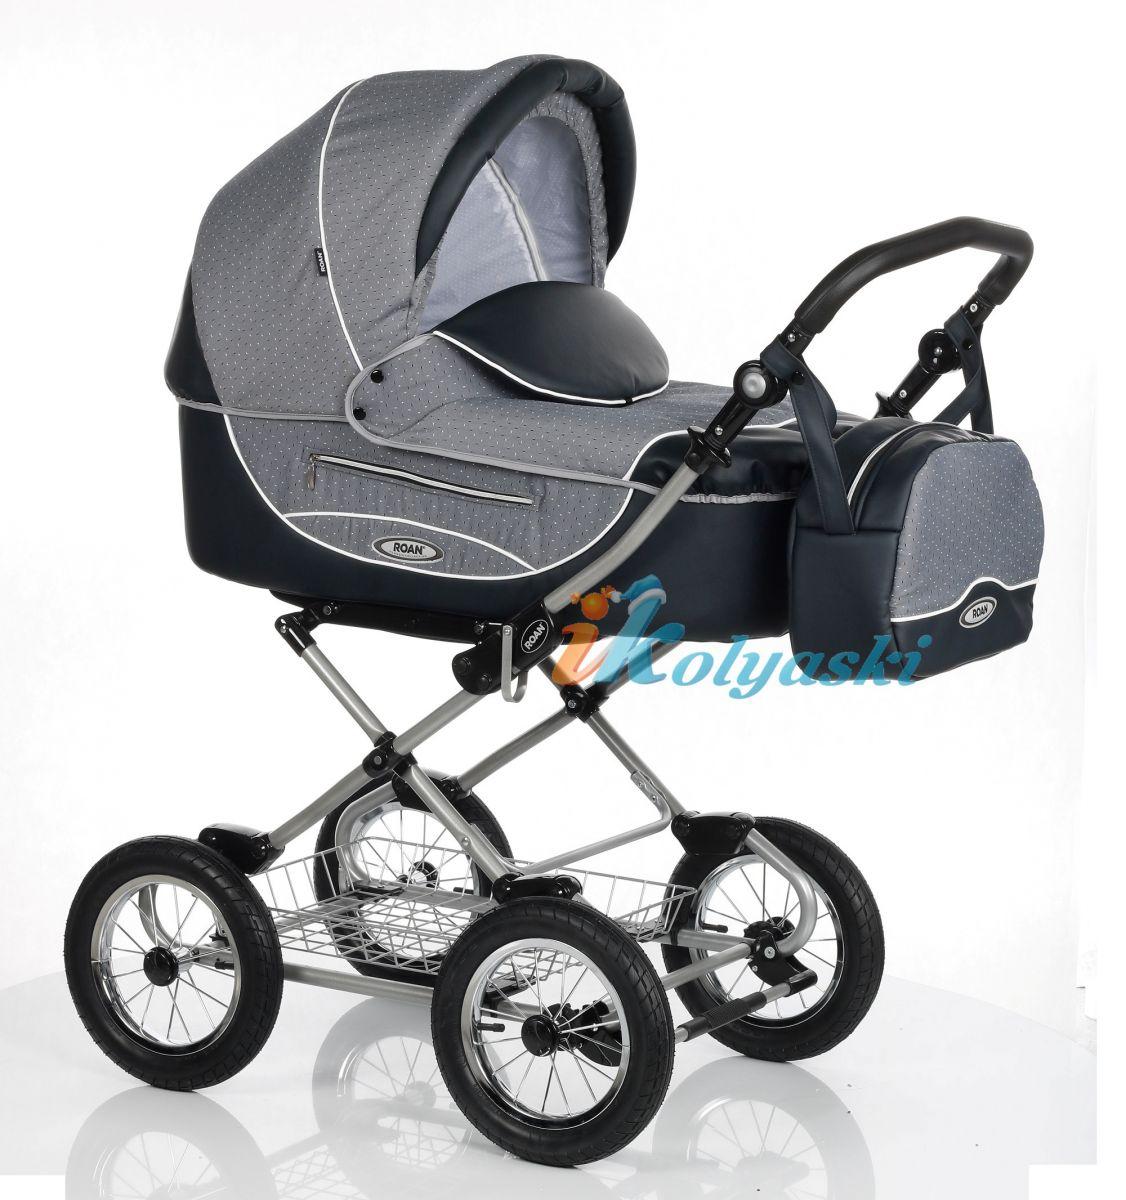 Детская коляска Roan Kortina Luxe Роан Кортина люкс 2018 спальная люлька 3 в 1 , коляска для новорожденных, коляска зима-лето.  roan kortina, roan cortina, Детская коляска Roan Kortina Luxe, коляска Роан Кортина люкс 2018, коляска спальная, коляска  люлька, коляска 3 в 1, коляска для новорожденных, роан кортина, коляска роан кортина, коляска roan cortina, цвет K-26